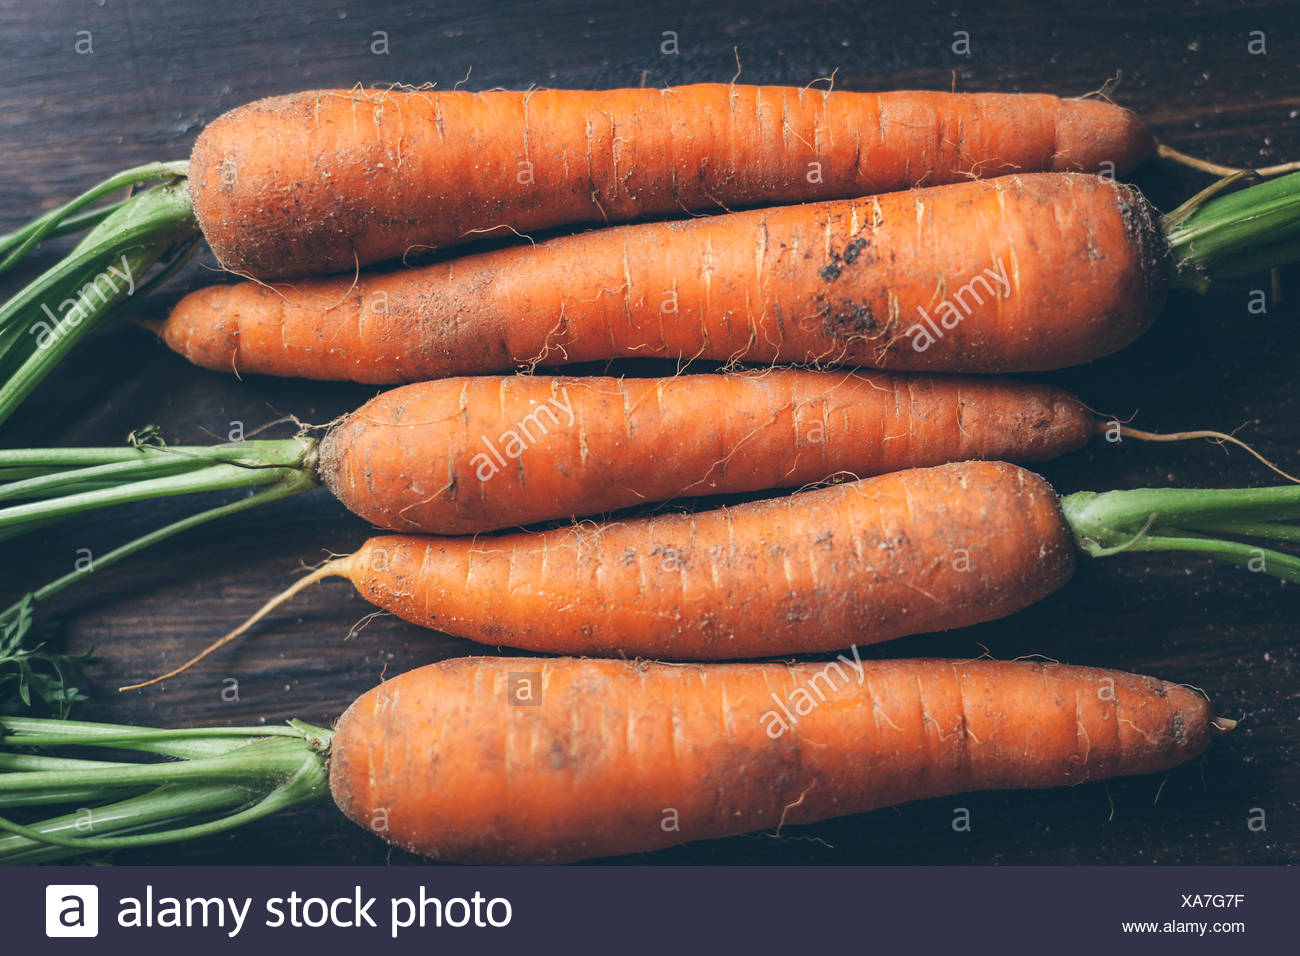 Un alto ángulo de visualización de las zanahorias en la tabla Imagen De Stock